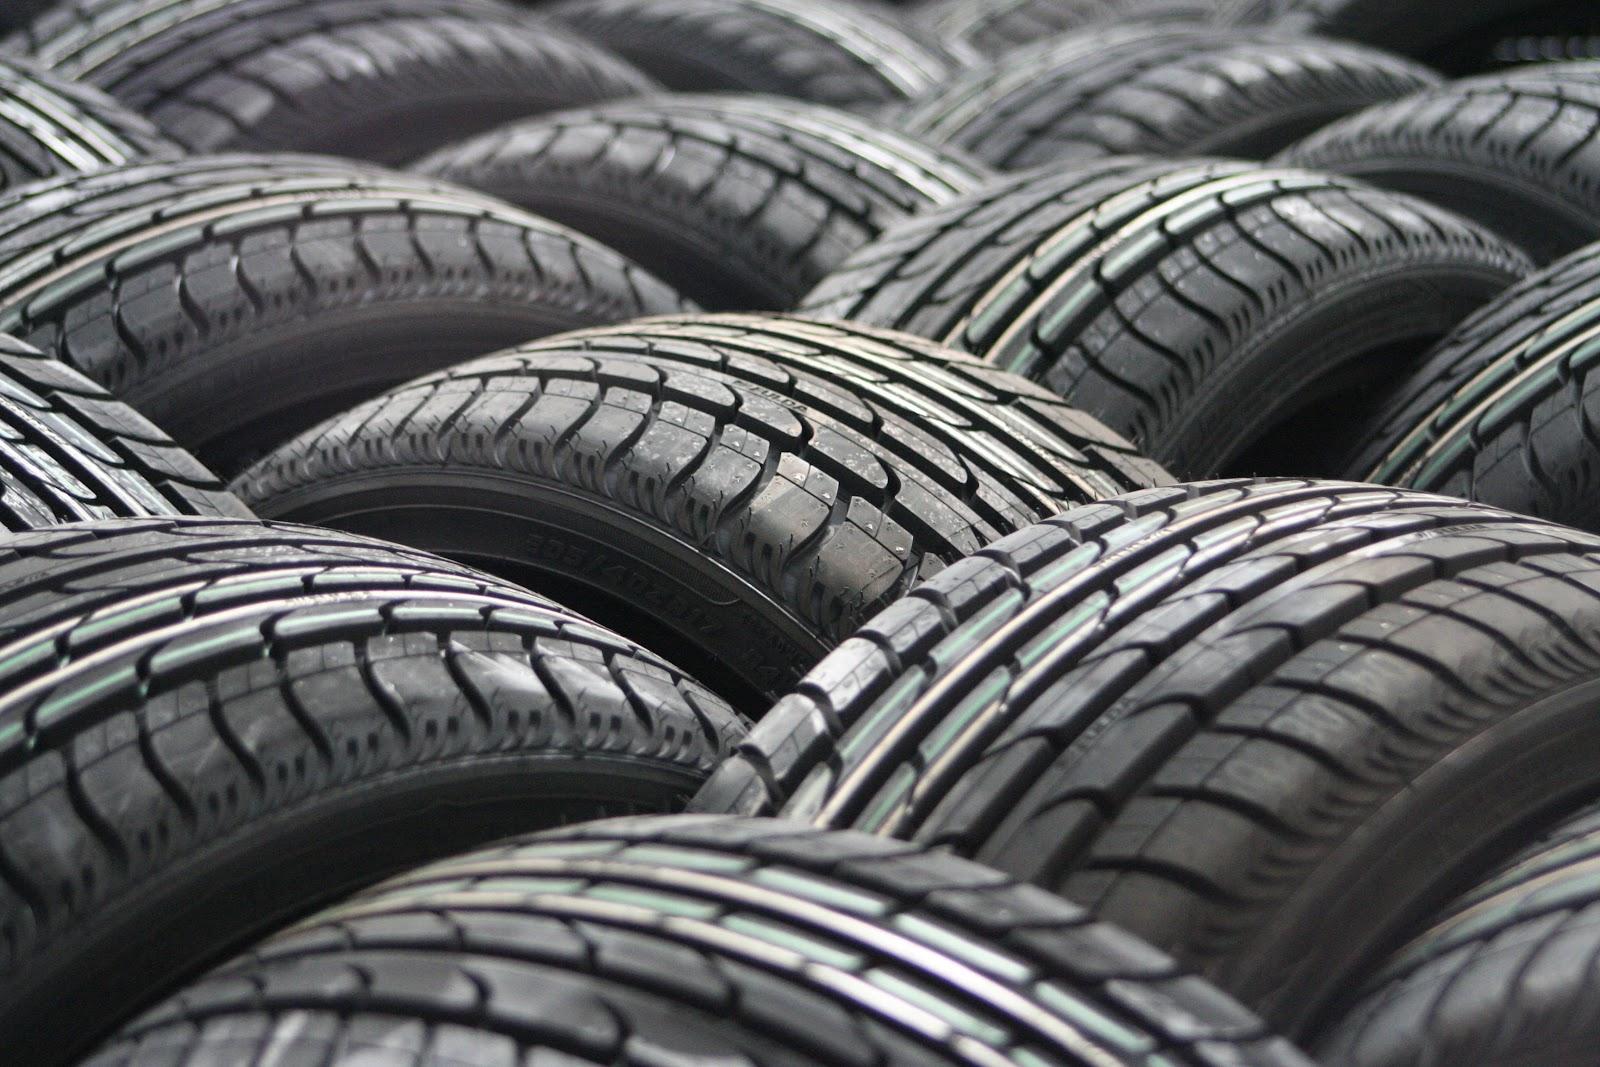 car-tyres-63928.jpg